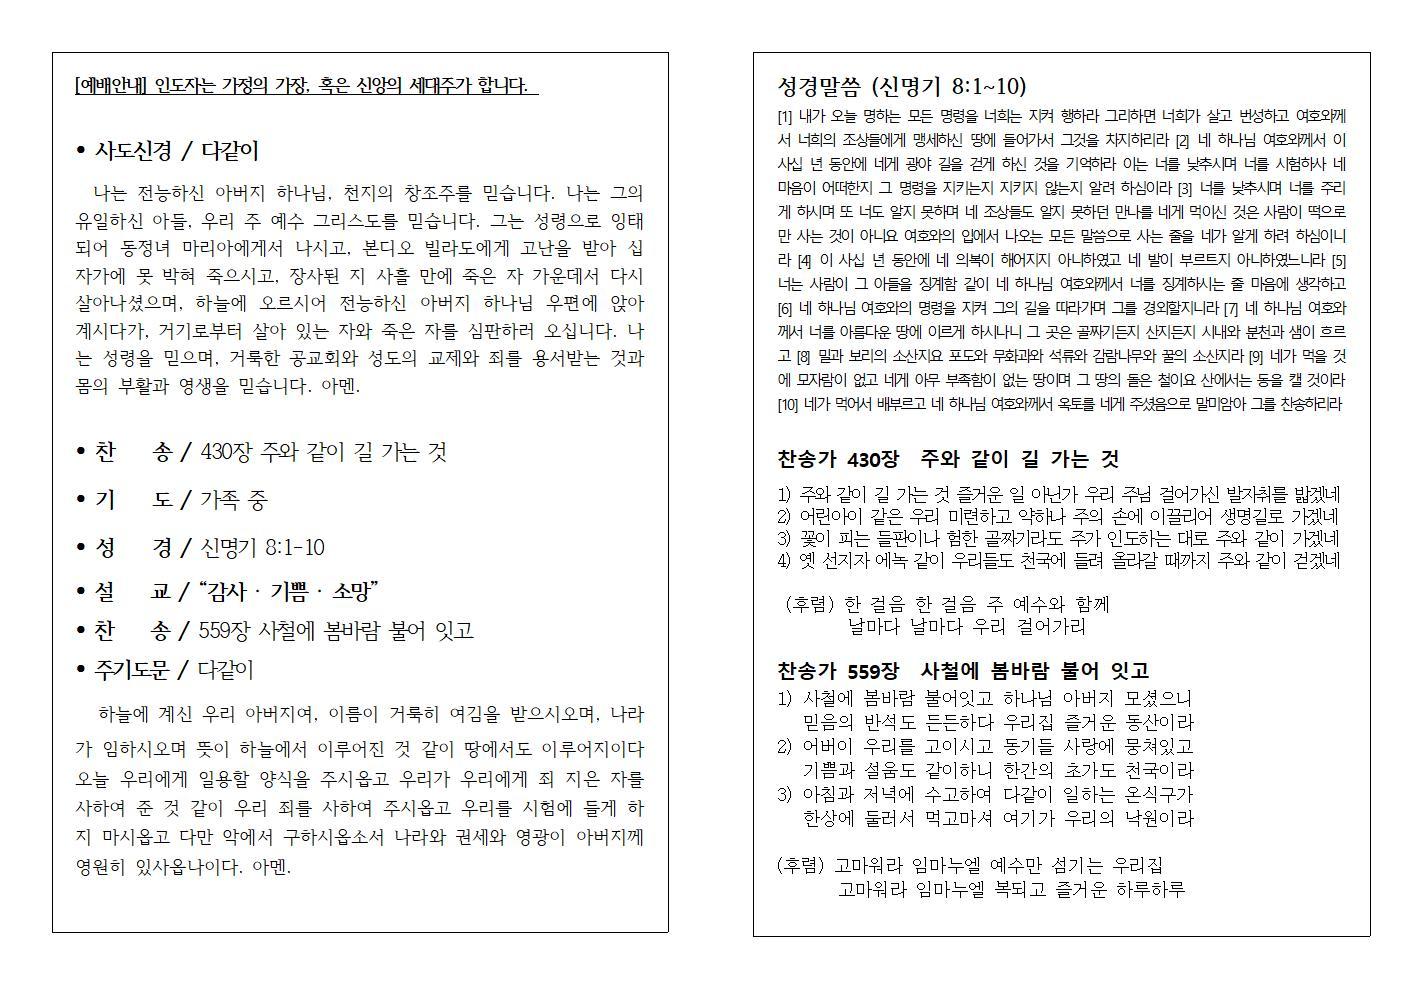 모자이크교회 2020 추석명절 가정예배 순서지-1 (2)002.jpg